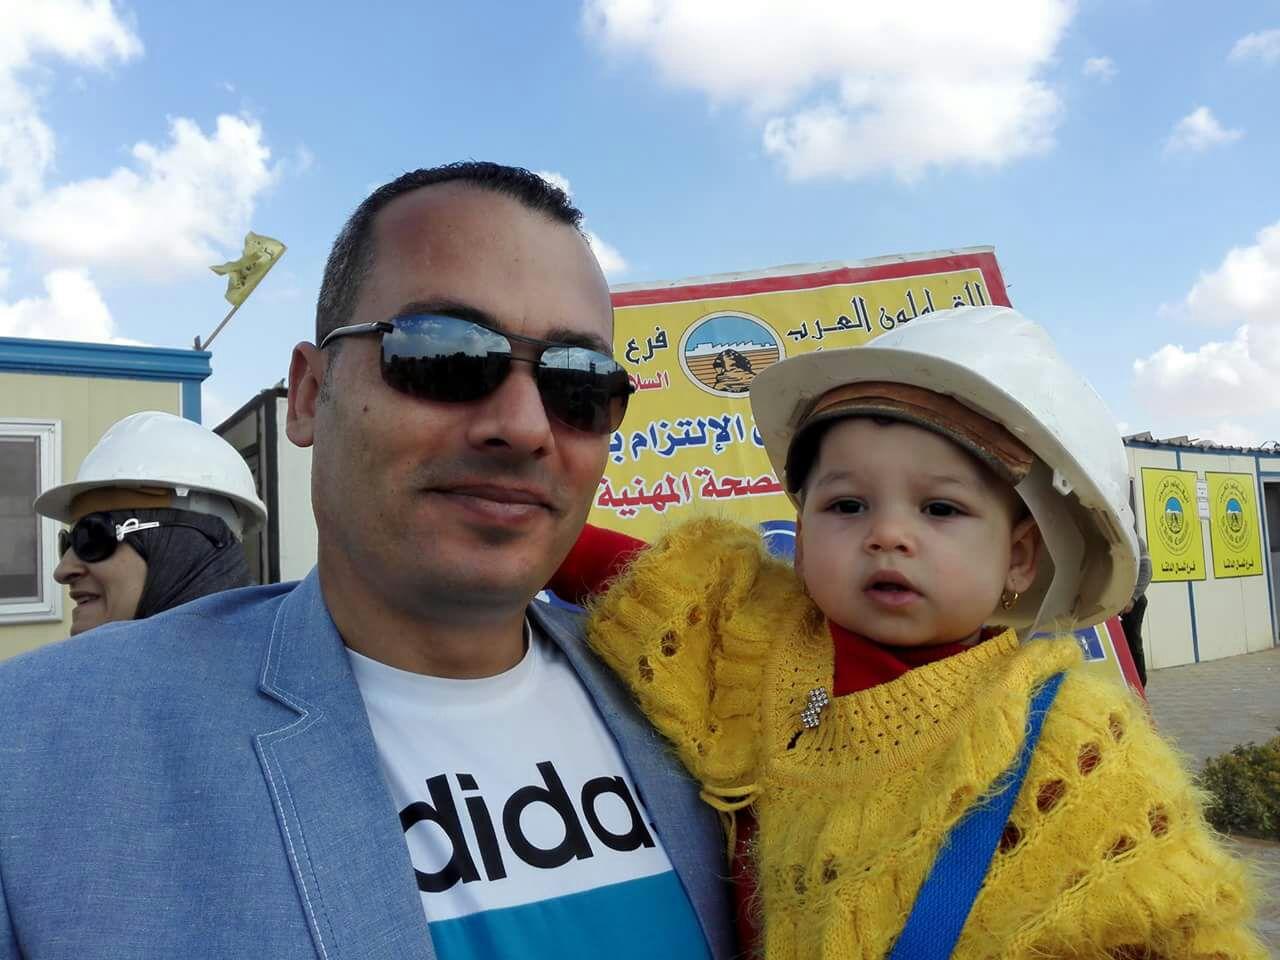 صورة مواطن شرقاوي يدعو الرئيس السيسي لحضور عيد ميلاد ابنته